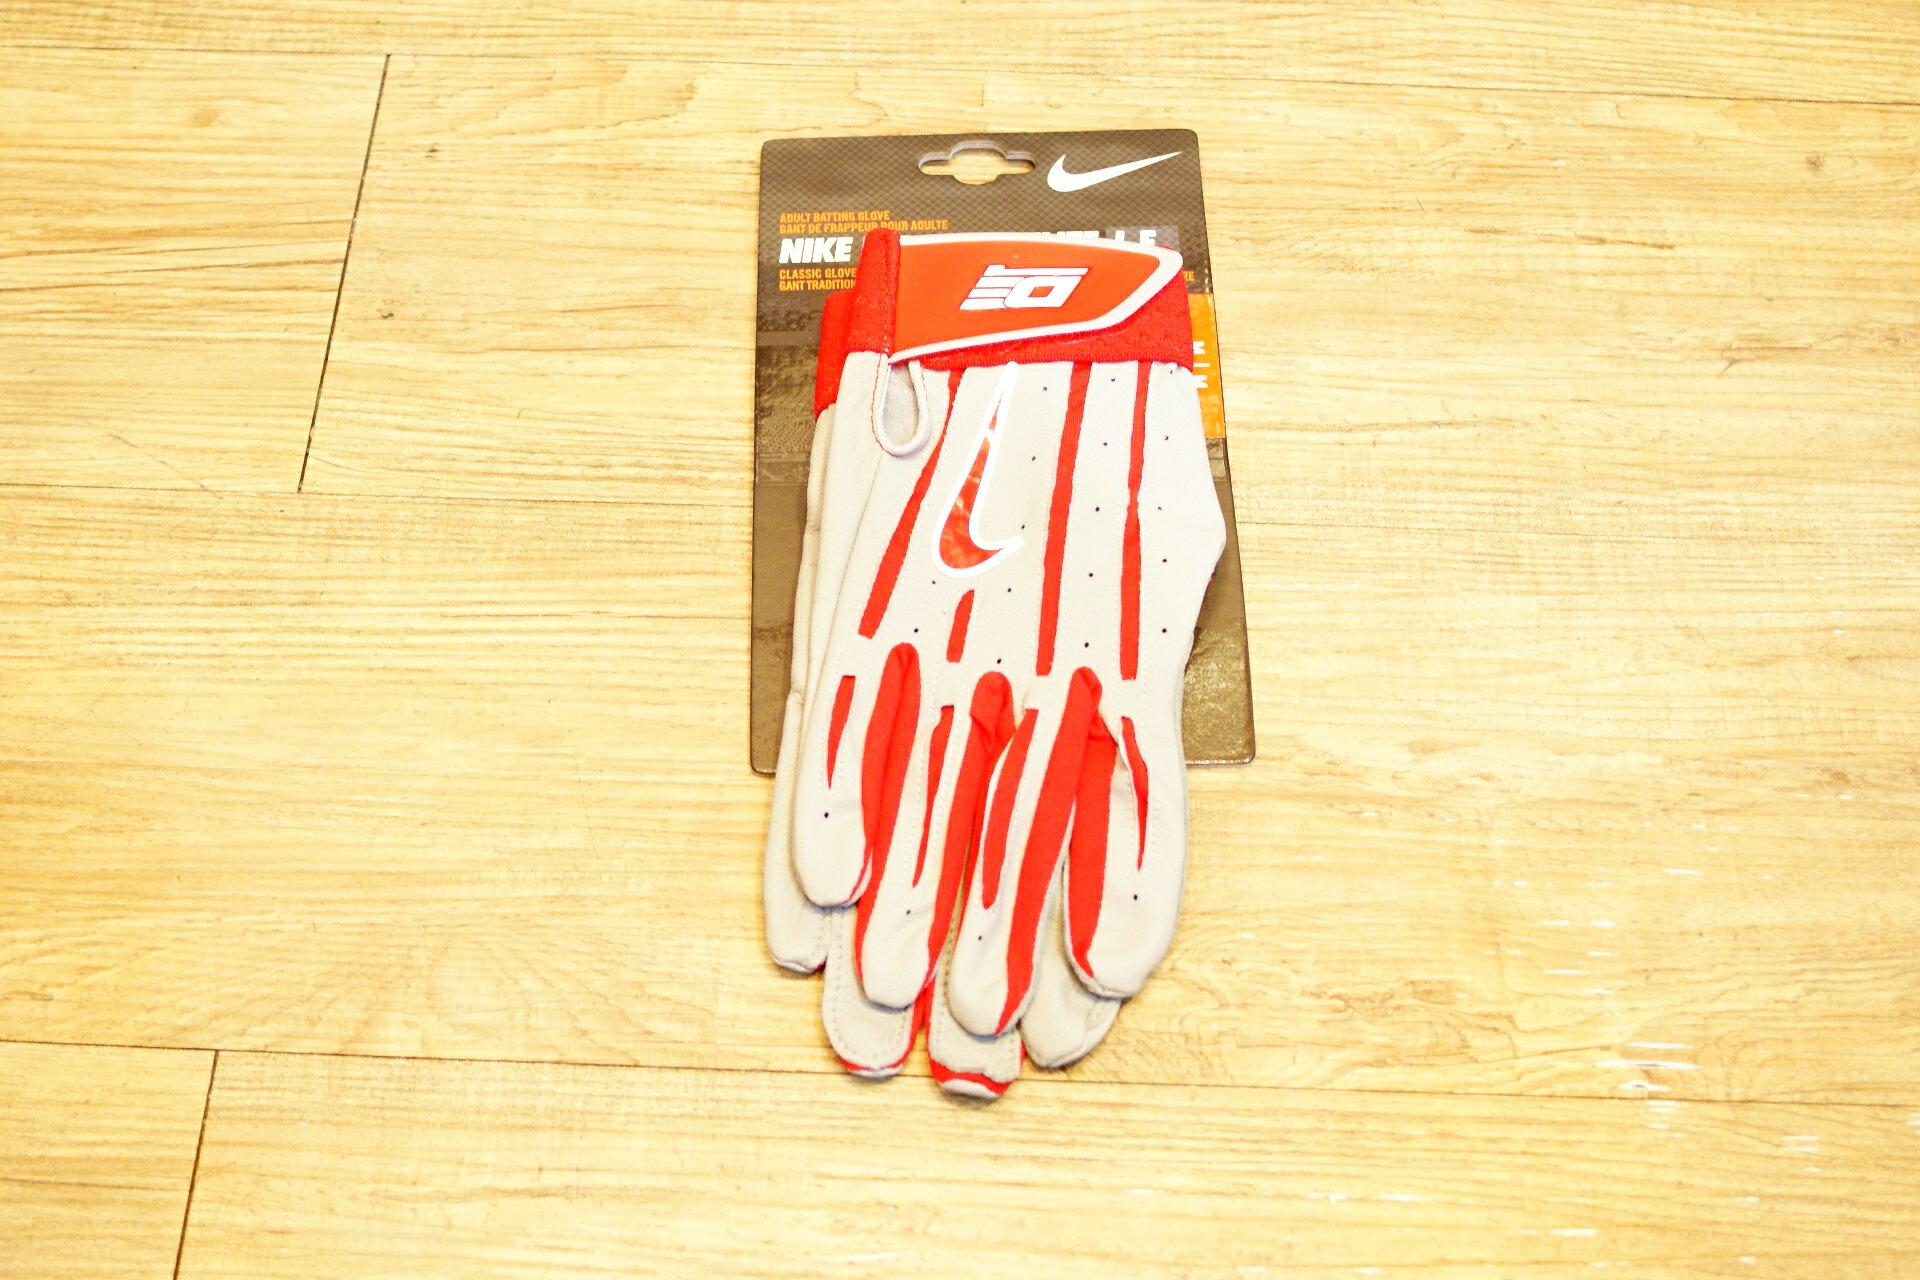 棒球世界 Nike DIAMOND 最新款打擊手套每雙特價 紅灰色